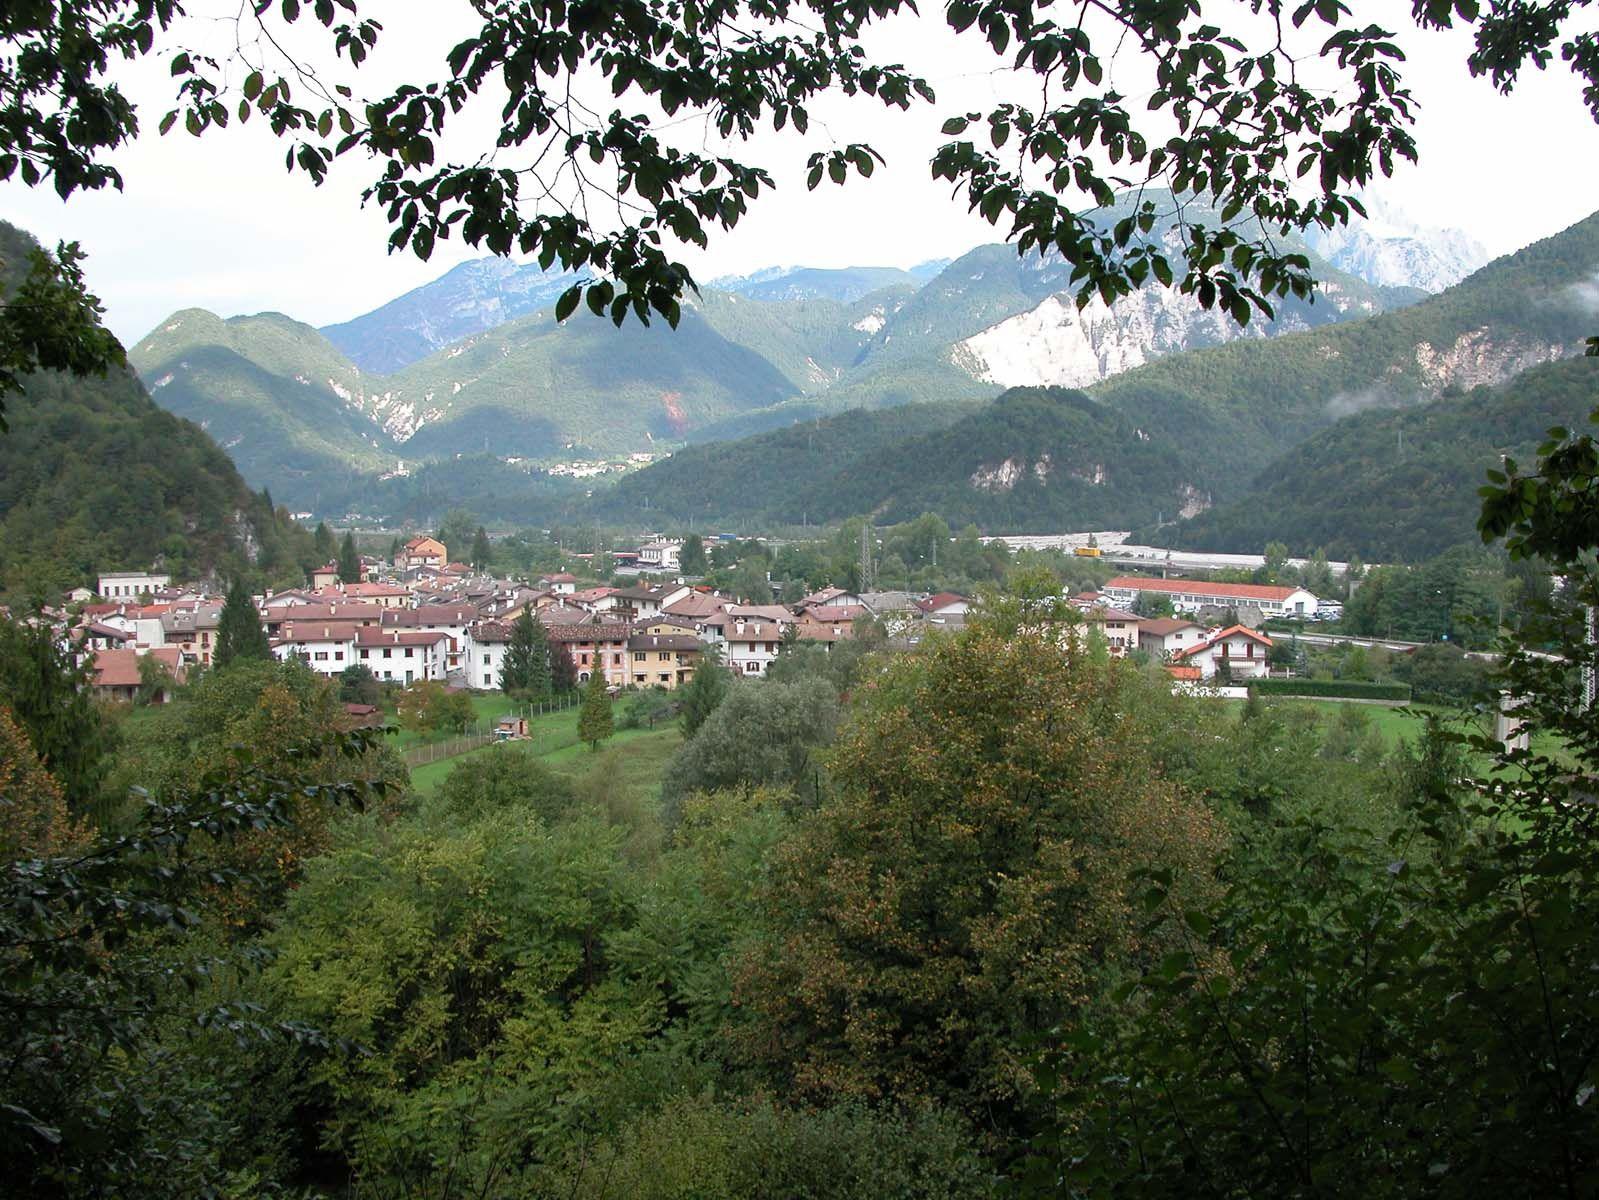 Pin di Sandro Campagna su Resiutta | Mountains, Nature e ...